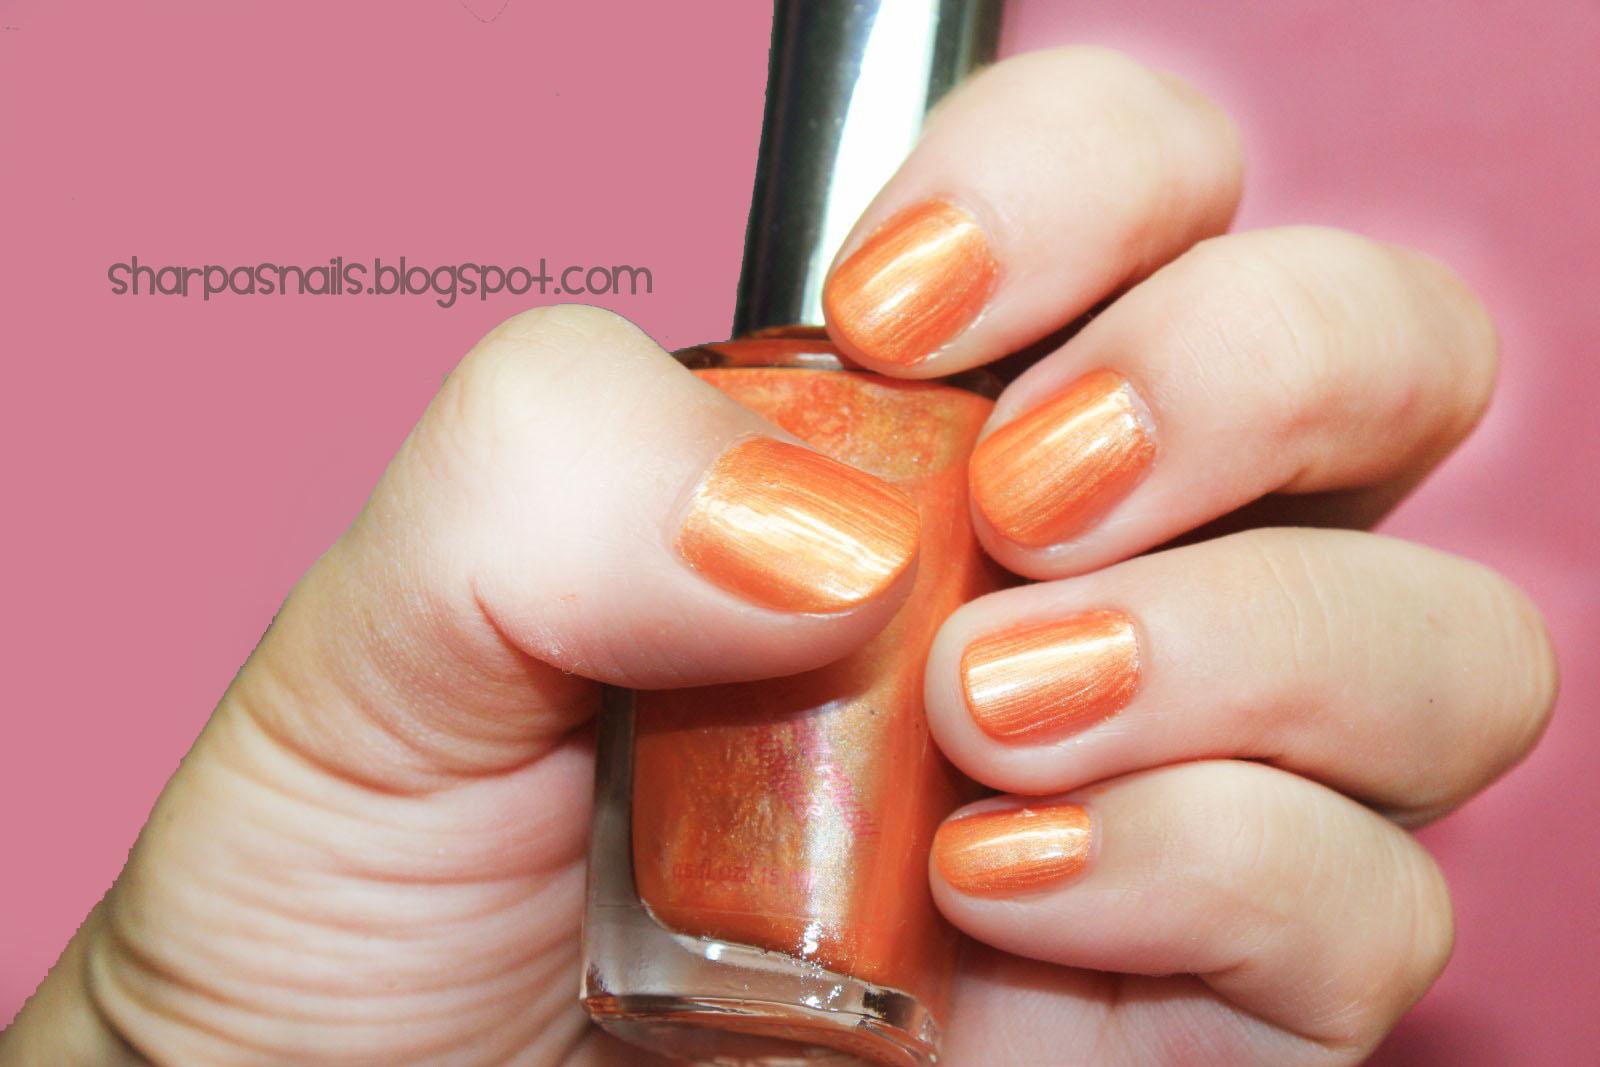 Sharp As Nails A Nail Art Blog Orange Nail Polish And Orange For